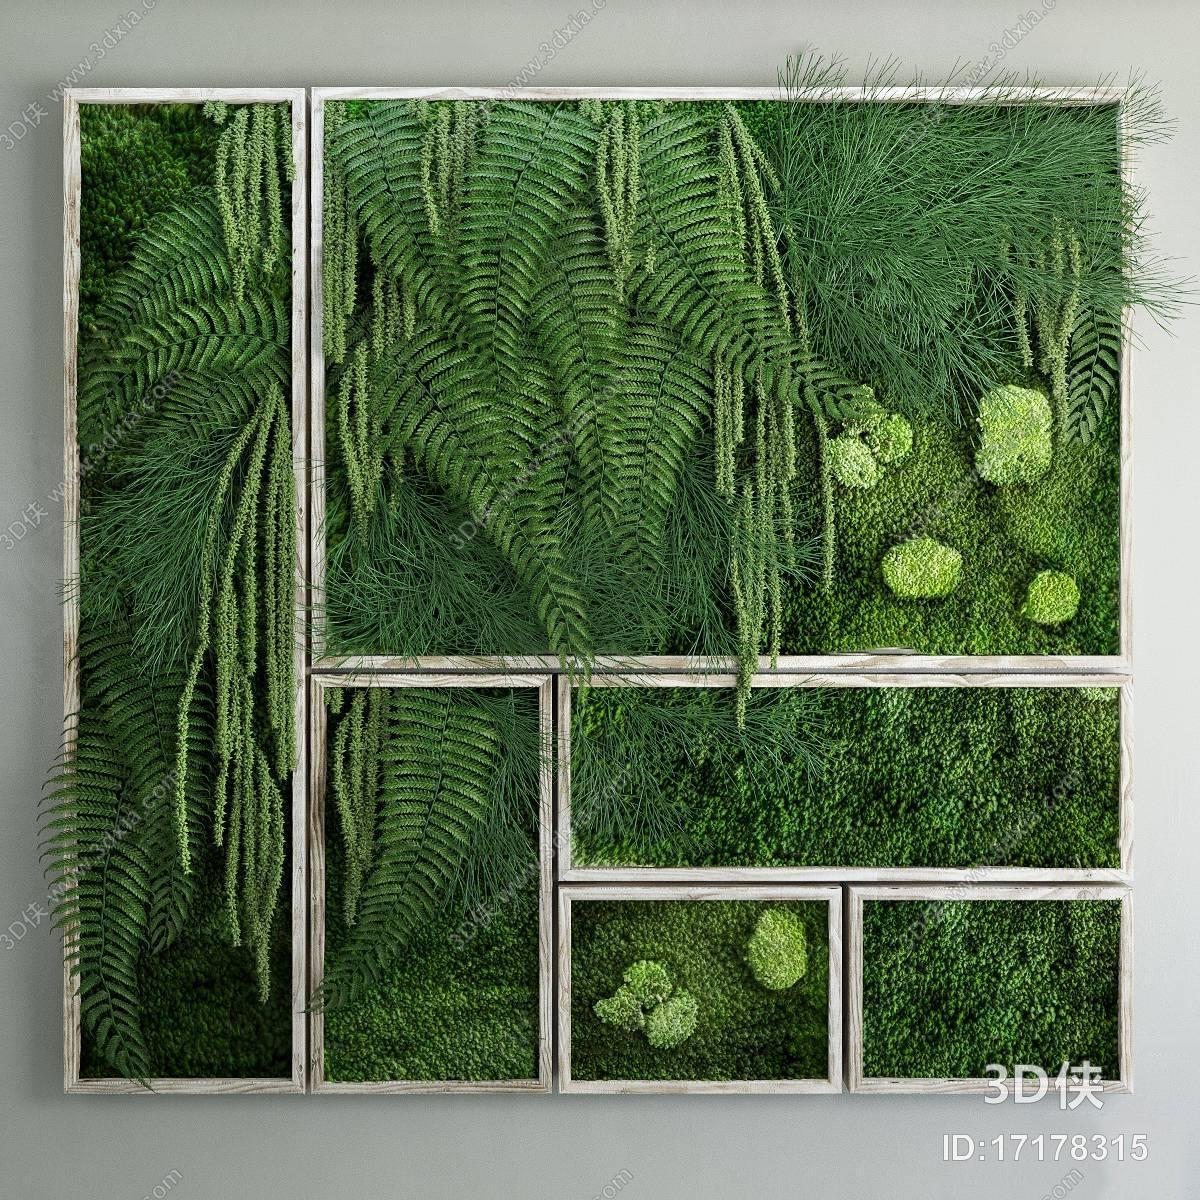 效果图素材免费下载,本作品主题是现代绿植装饰墙3d模型,编号是